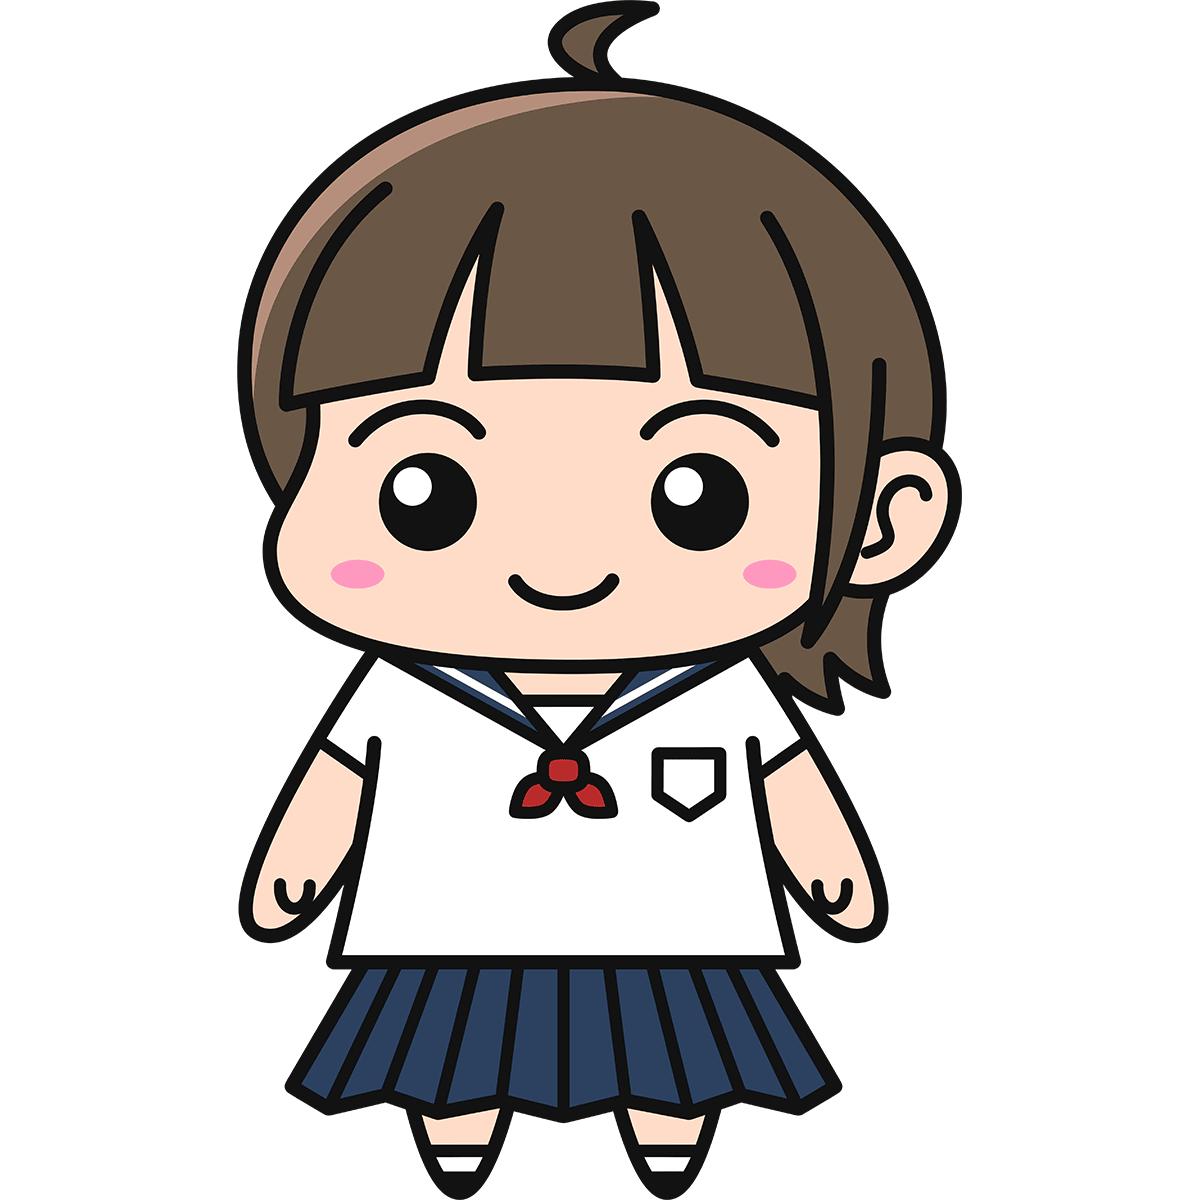 女子高生(セーラー服)の無料イラスト